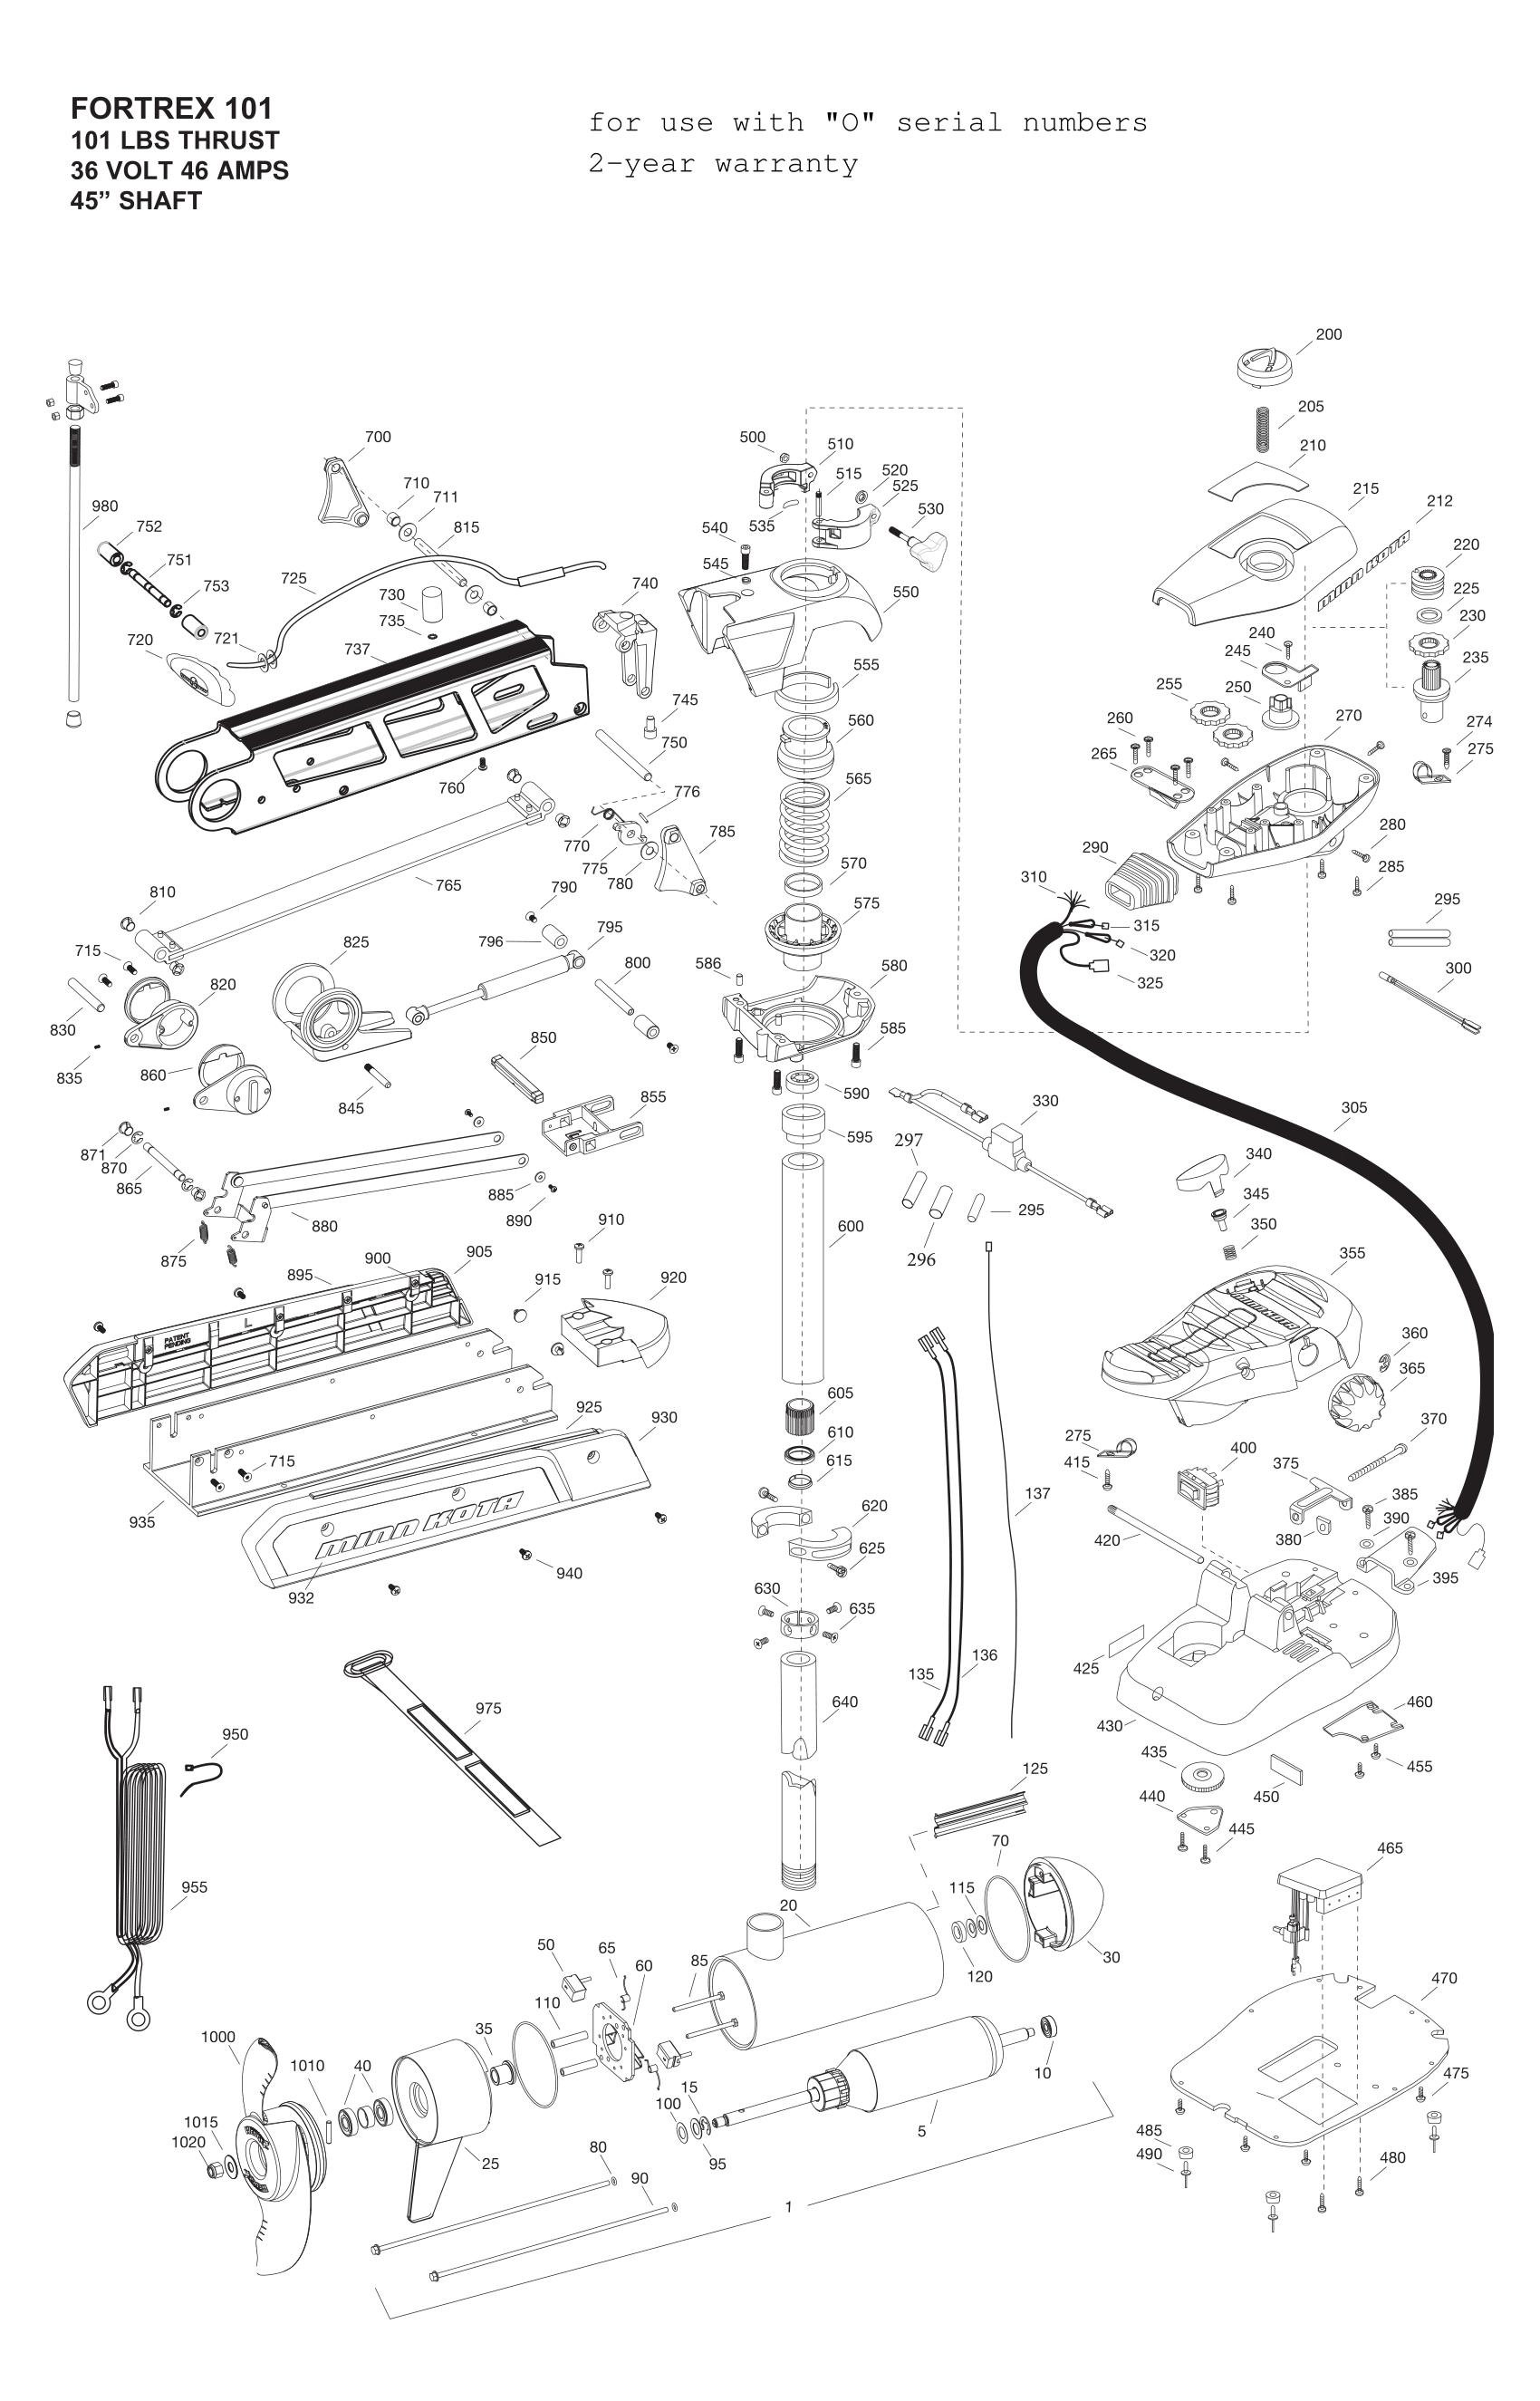 minn kota fortrex 101 45 inch parts parts